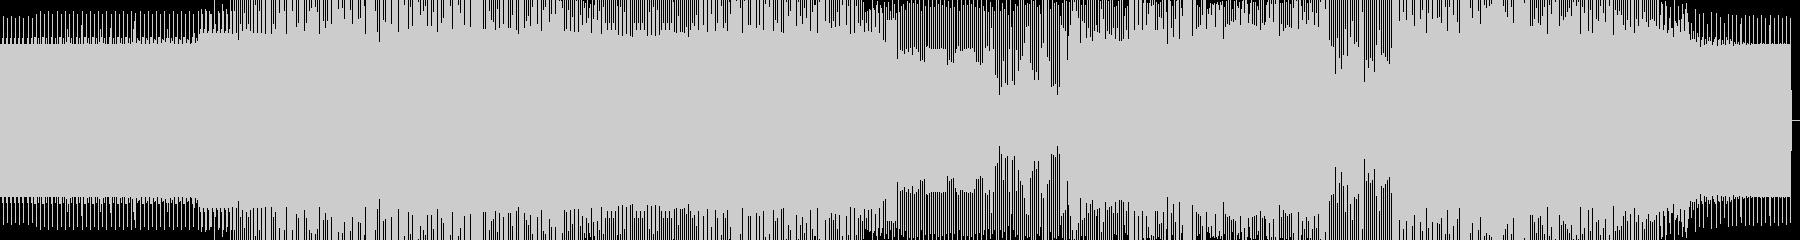 奇麗な音のミニマルハウスの未再生の波形